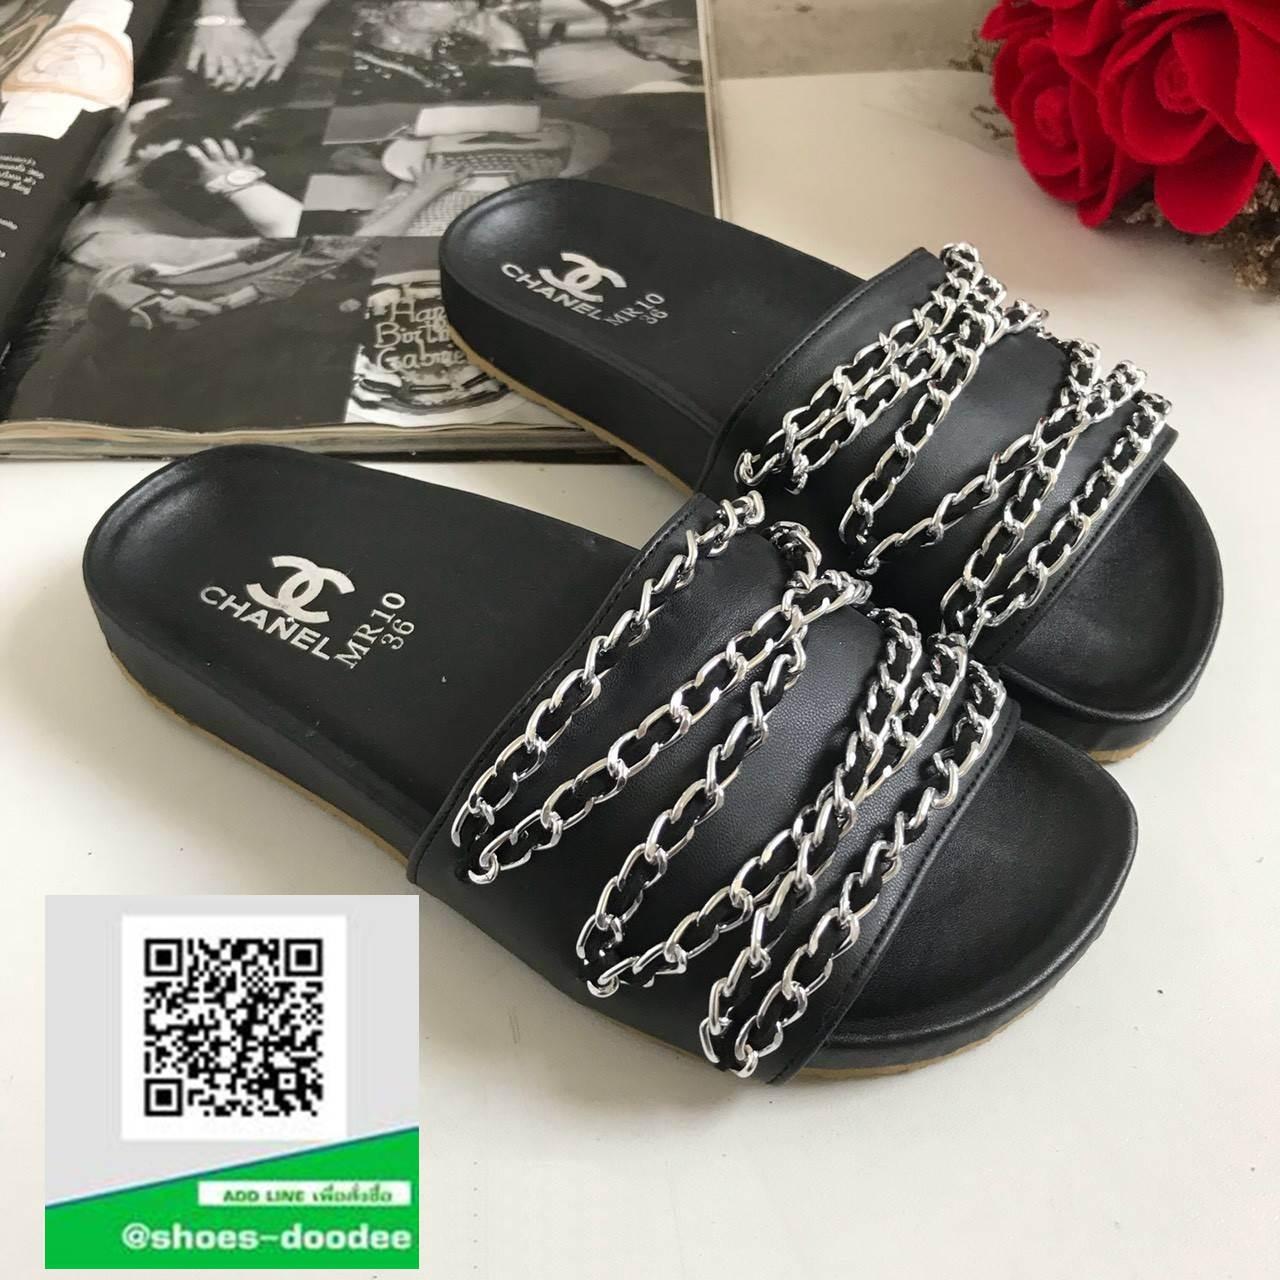 รองเท้าแตะผู้หญิงสีดำ chanel tropiconic slide (สีดำ )